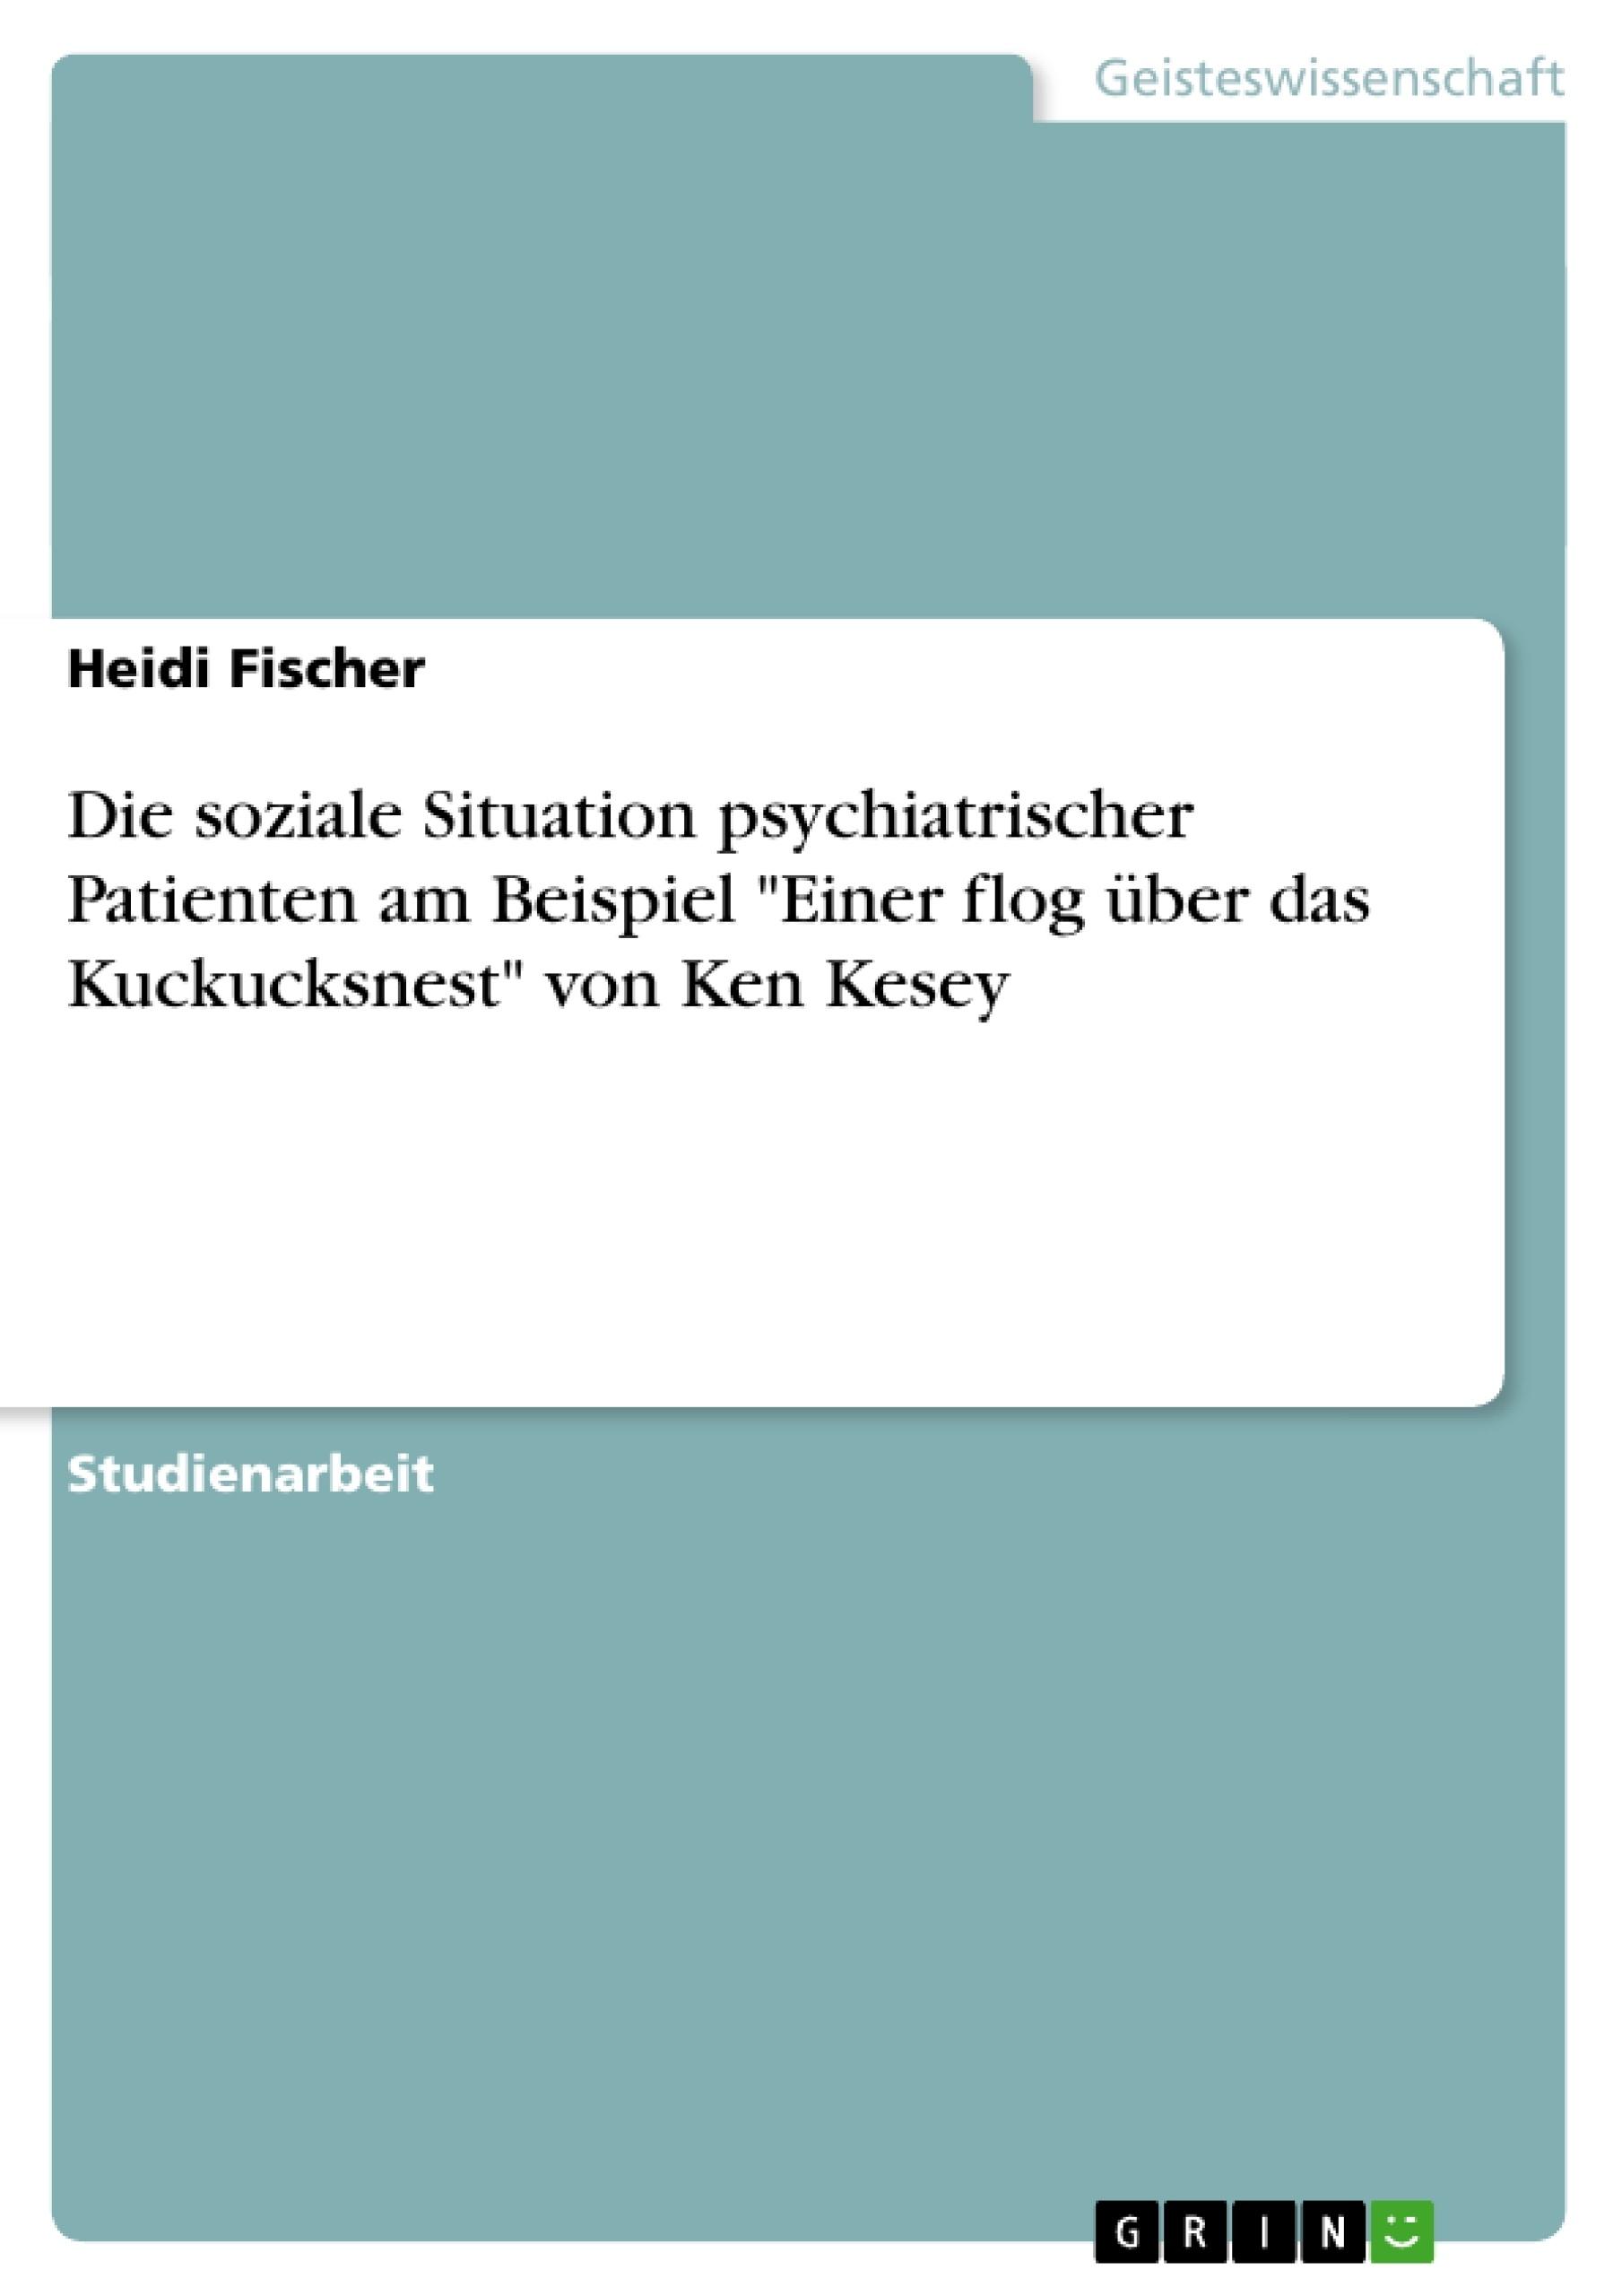 """Titel: Die soziale Situation psychiatrischer Patienten am Beispiel """"Einer flog über das Kuckucksnest"""" von Ken Kesey"""